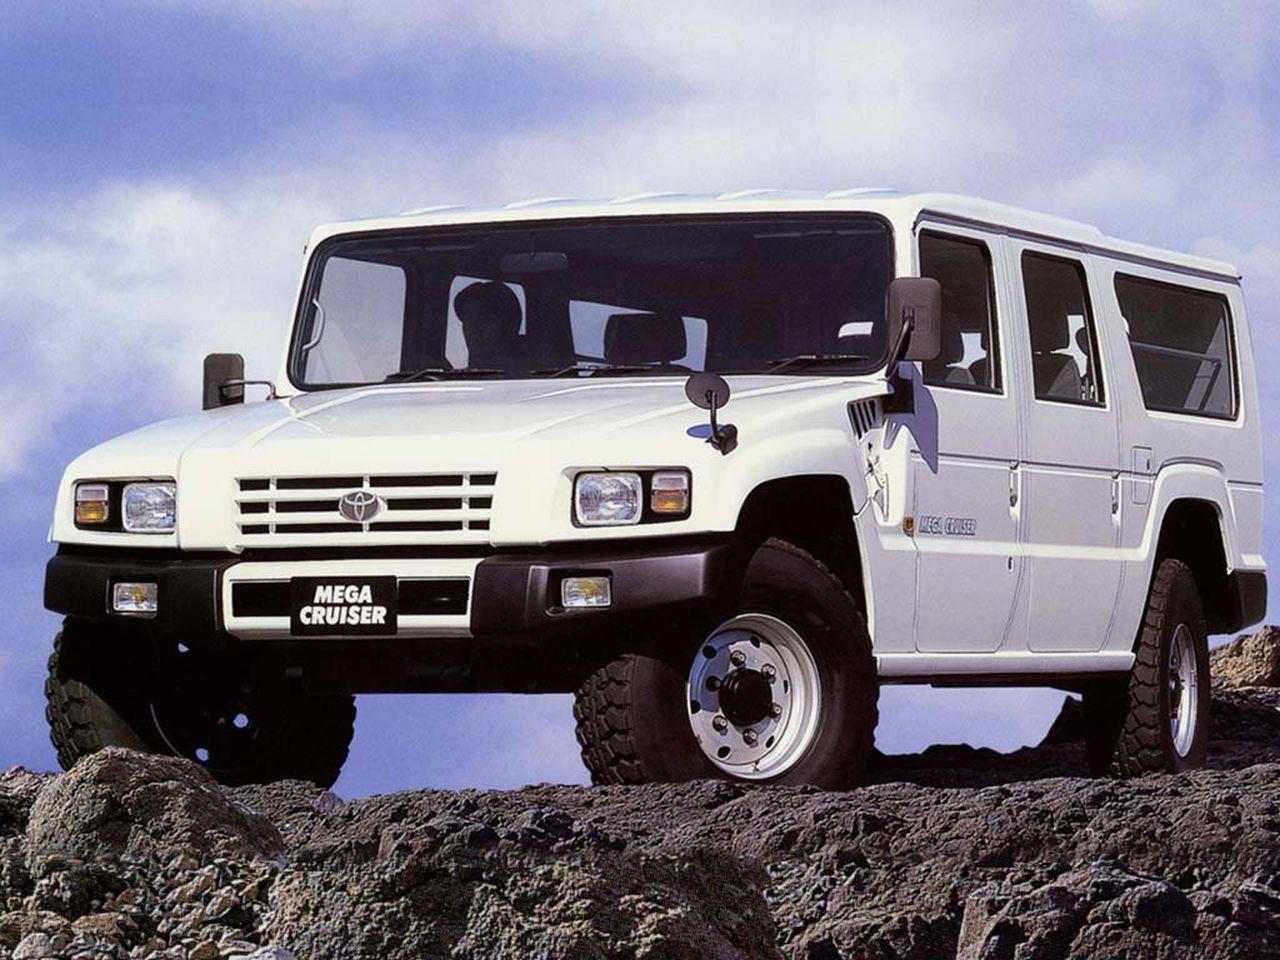 Toyota Mega Cruiser – W stylu Hummera